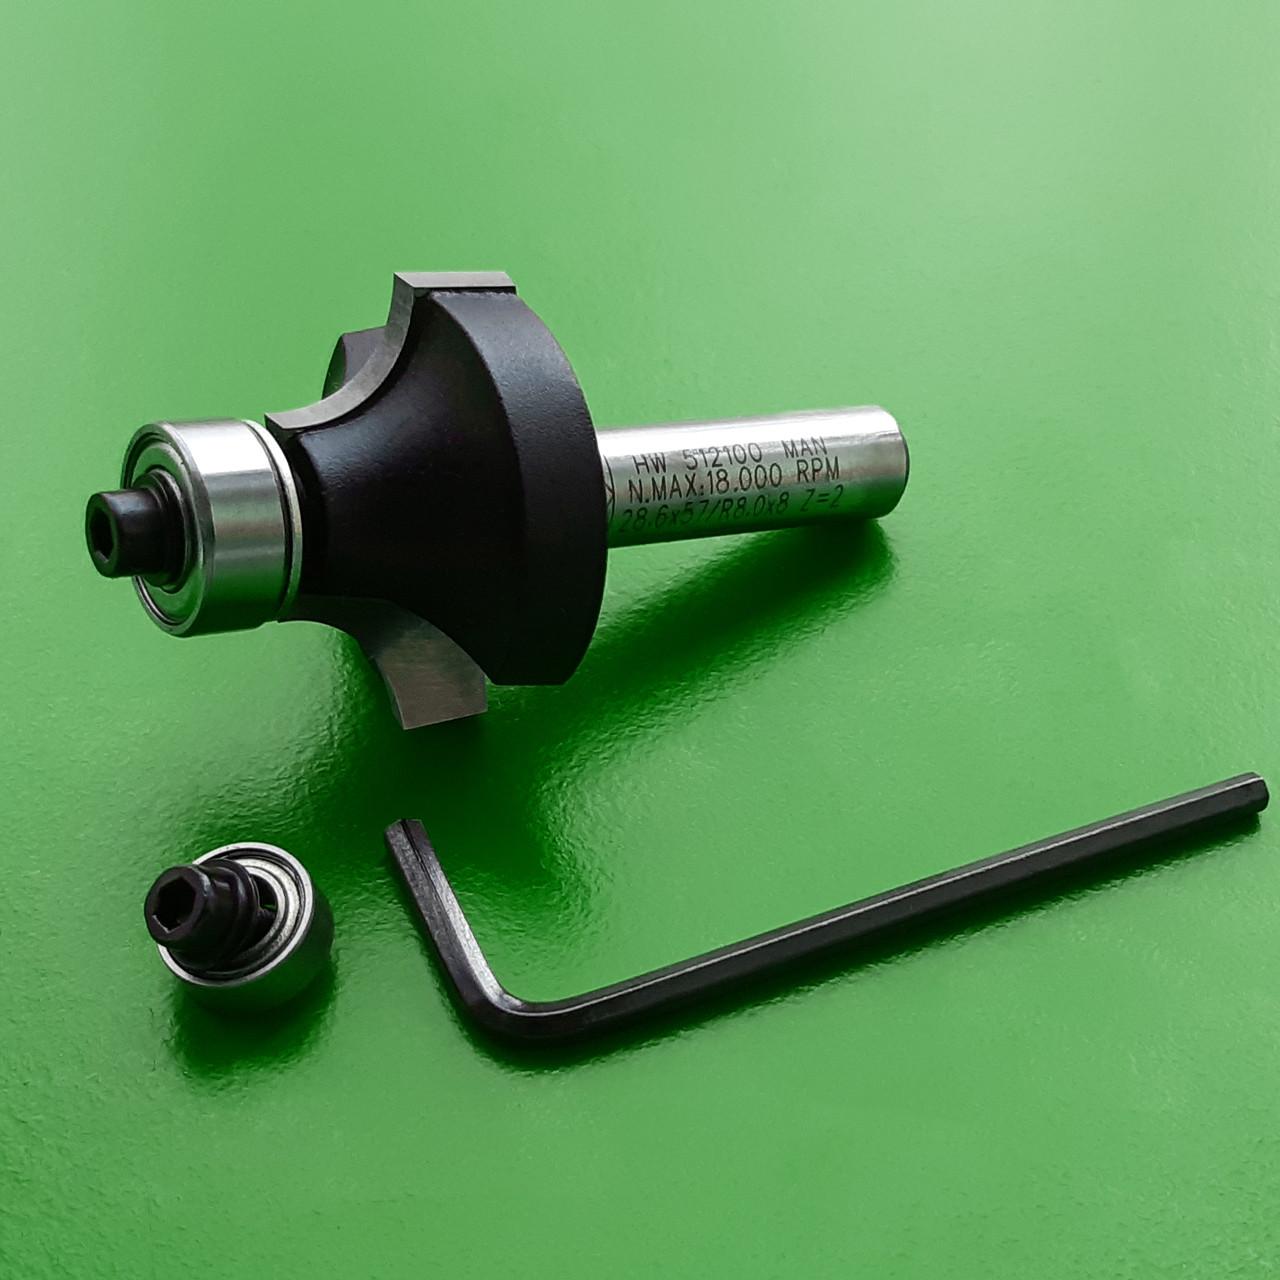 38,1х19х60х8, z=2, R=12,7 Радиусная кромочная фреза Stehle с опорным подшипником для ручного фрезера